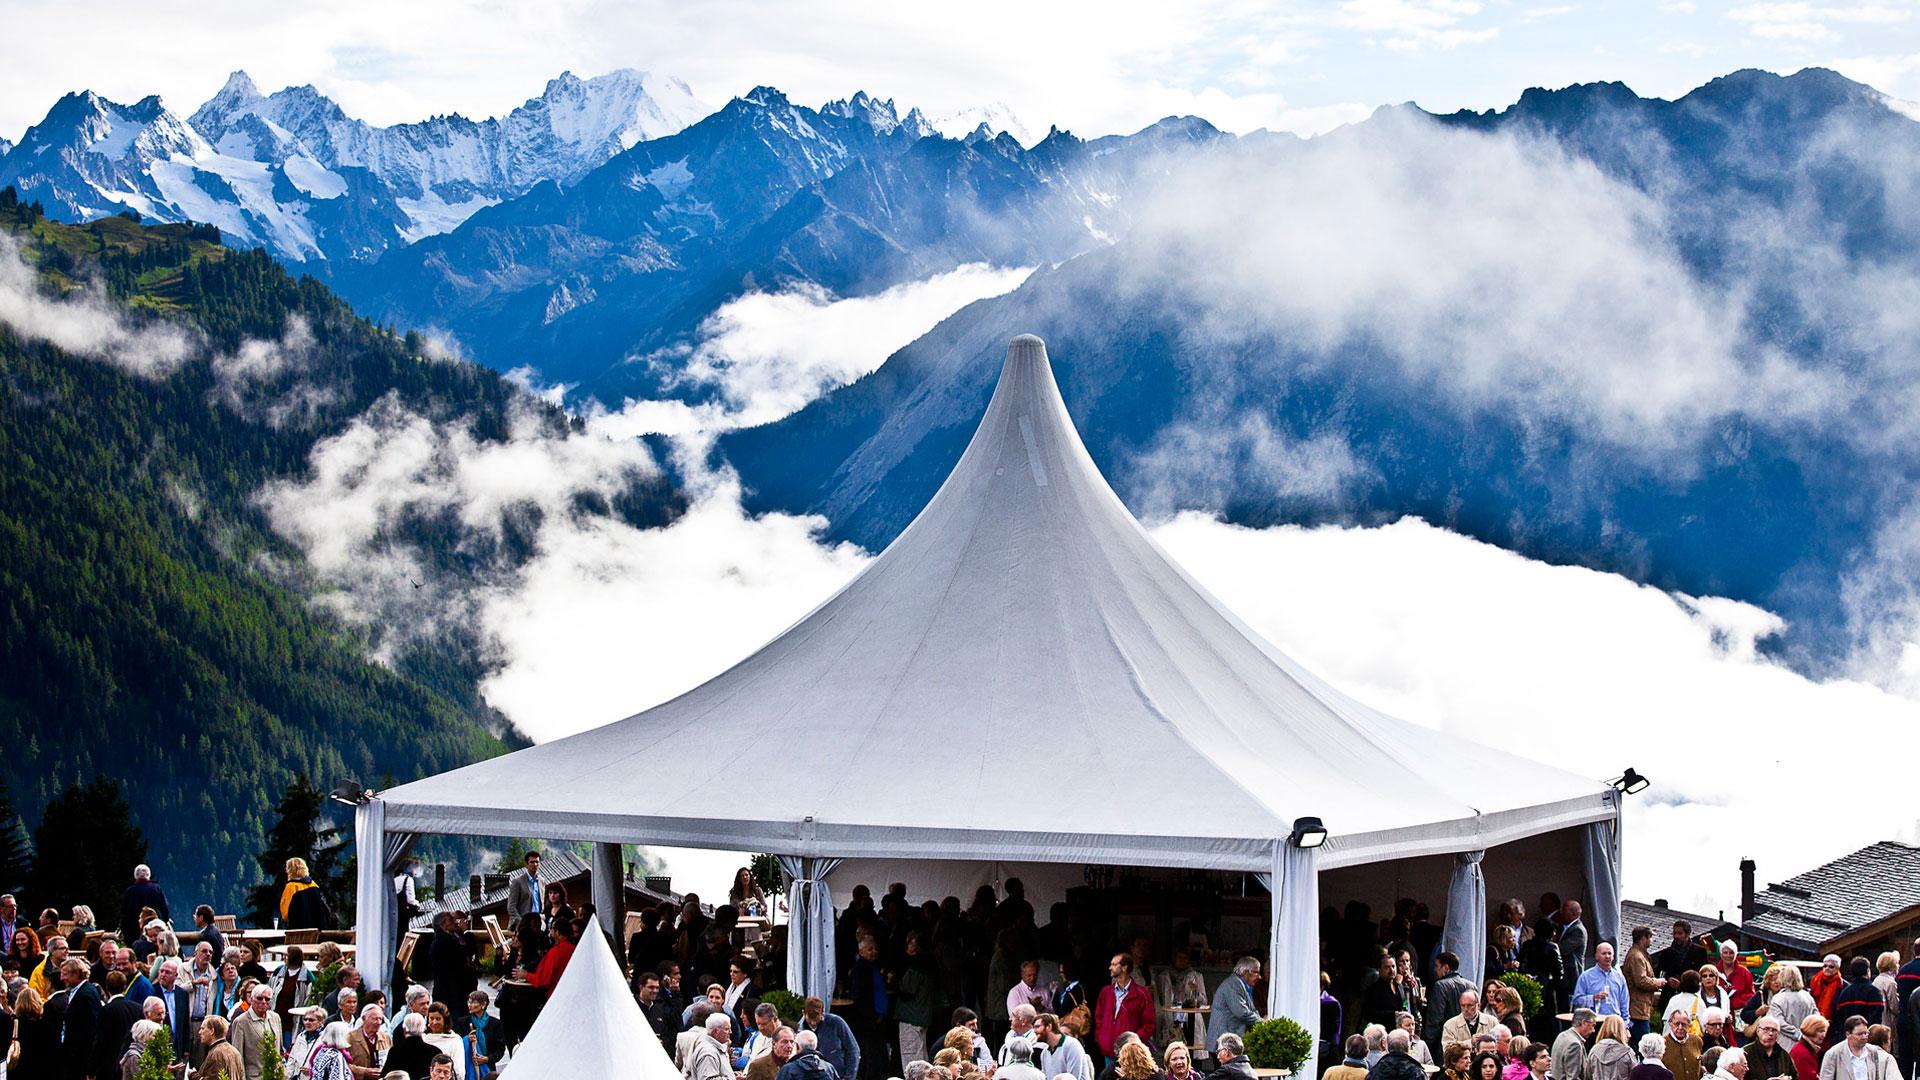 El Festival de Verbier selecciona a cinco miembros de la Orquesta Joven de la OSG para su Campus Musical de esta temporada